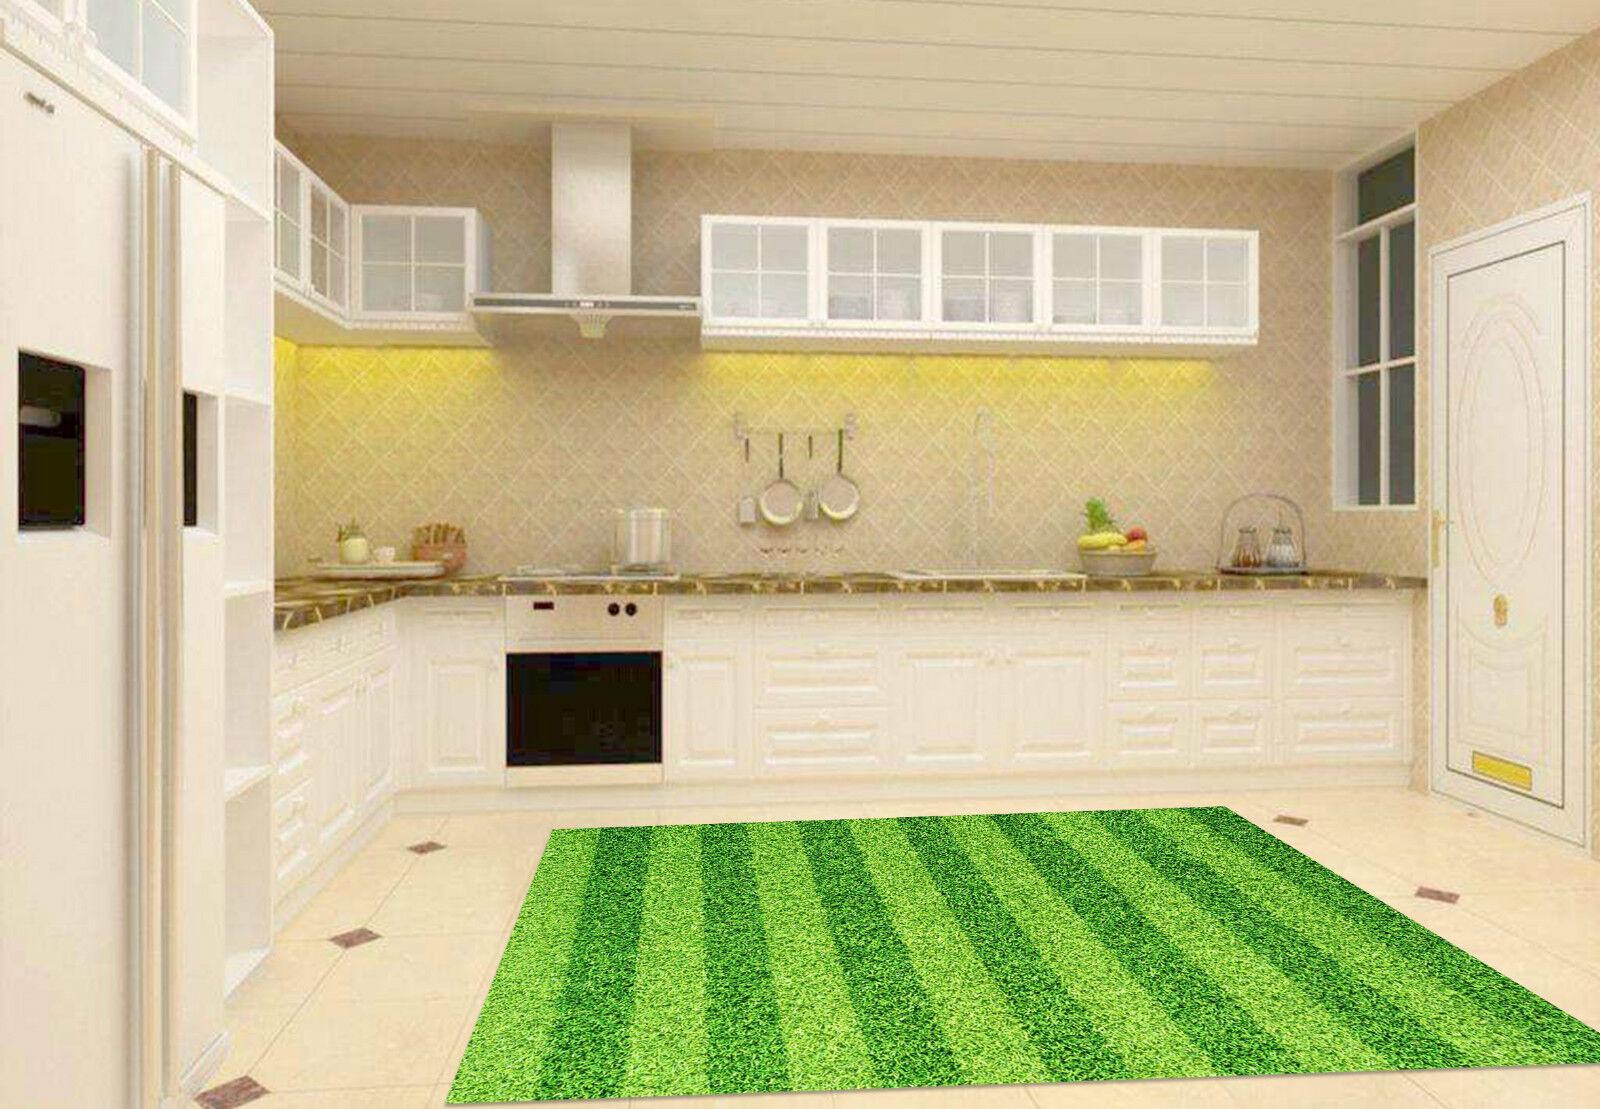 3D Rayé Herbe Caoutchouc 19 Décor AJ Mural Murale De Mur De Cuisine AJ Décor WALLPAPER FR fe30ad